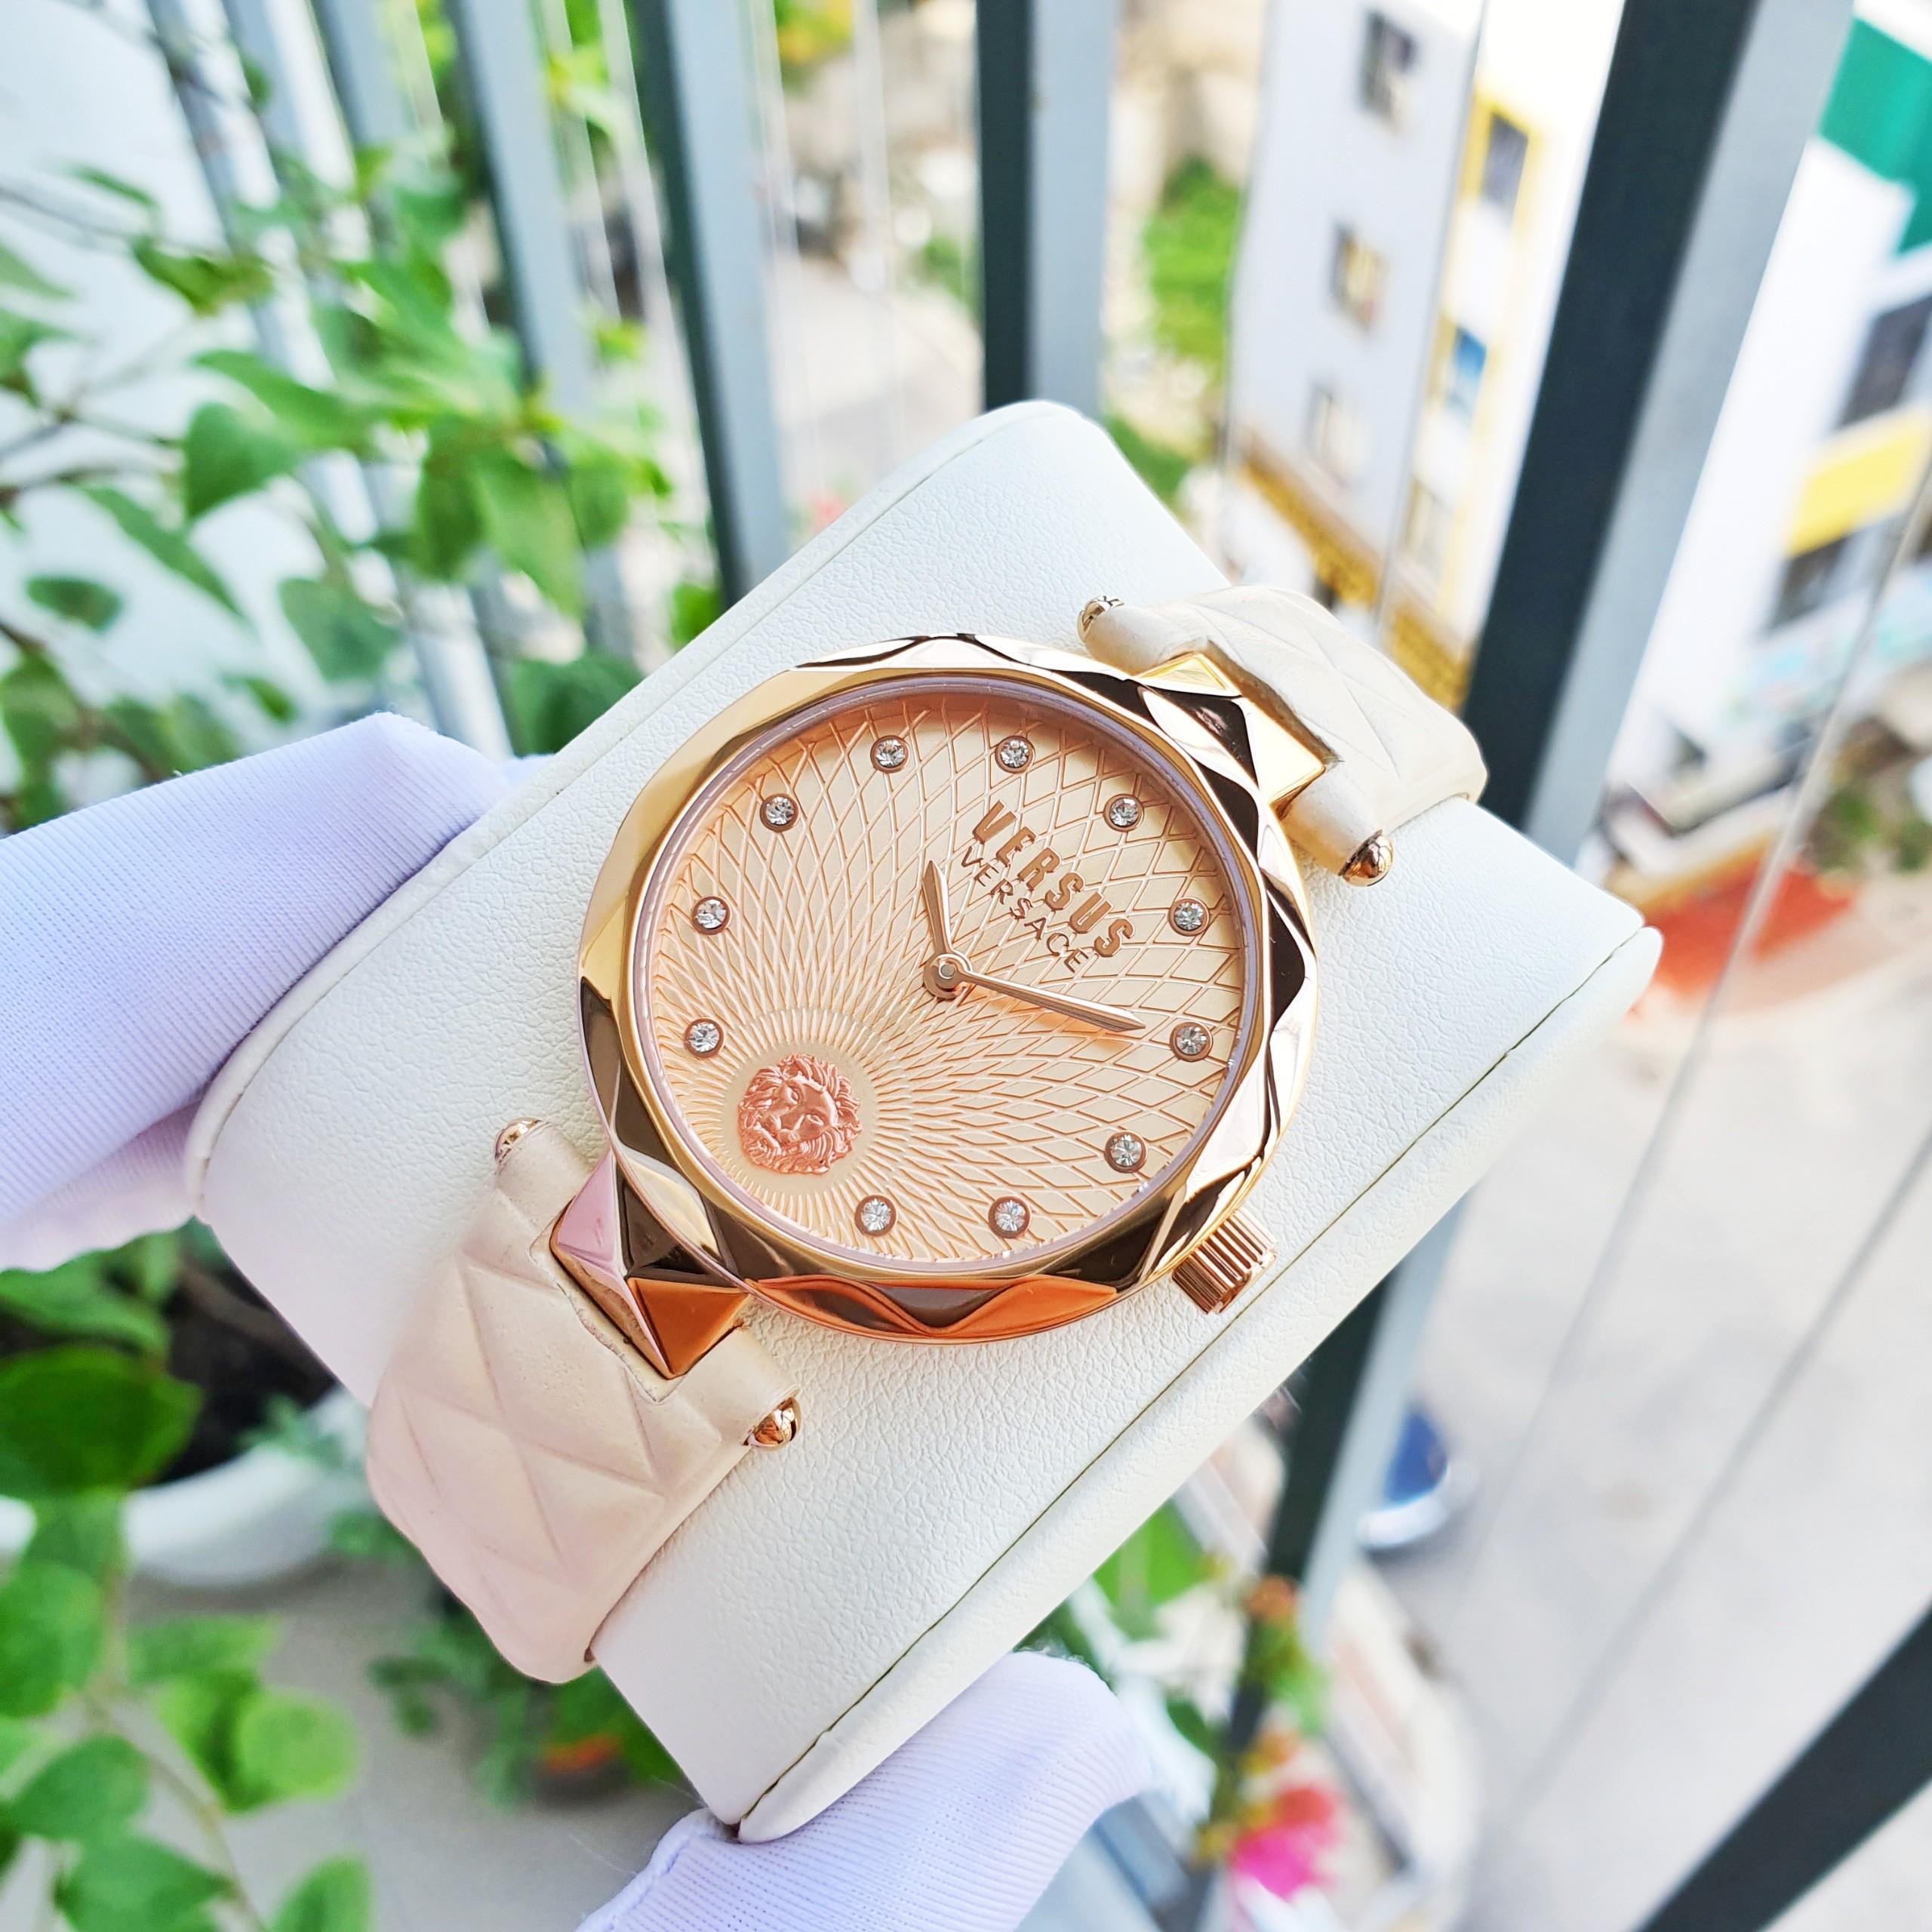 Đồng hồ nữ chính hãng Versus covent garden